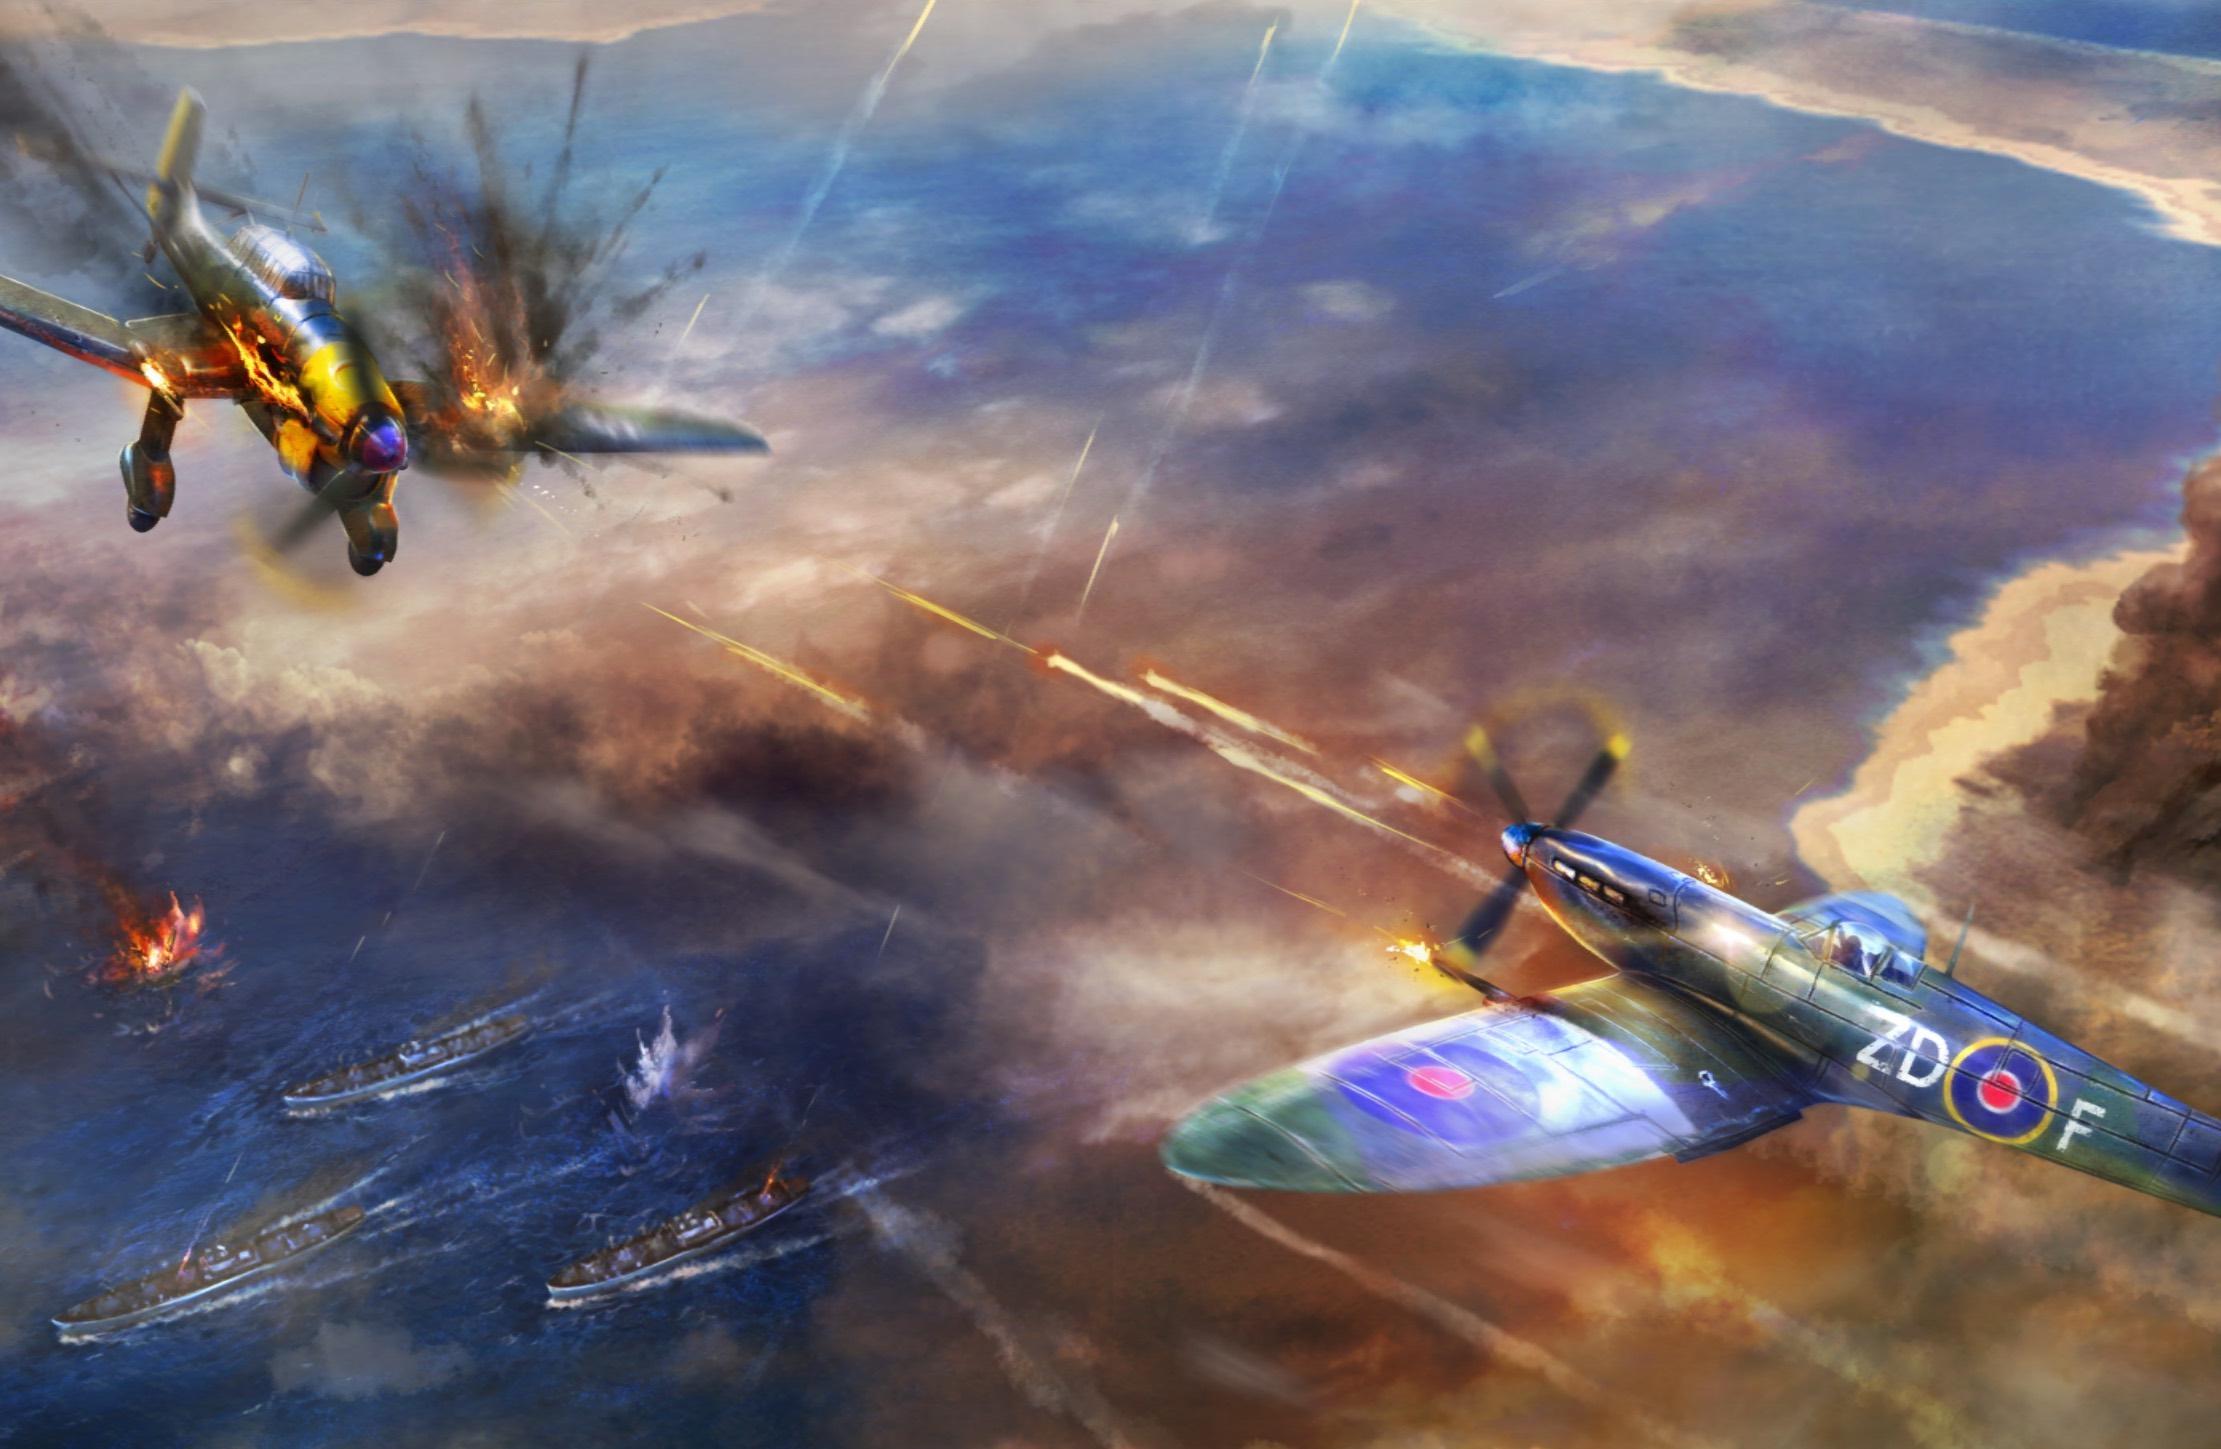 Warplanes Ww2 Dogfight Devenez Un As Du Pilotage Et Des Combats Aériens Sur Iphone Et Ipad